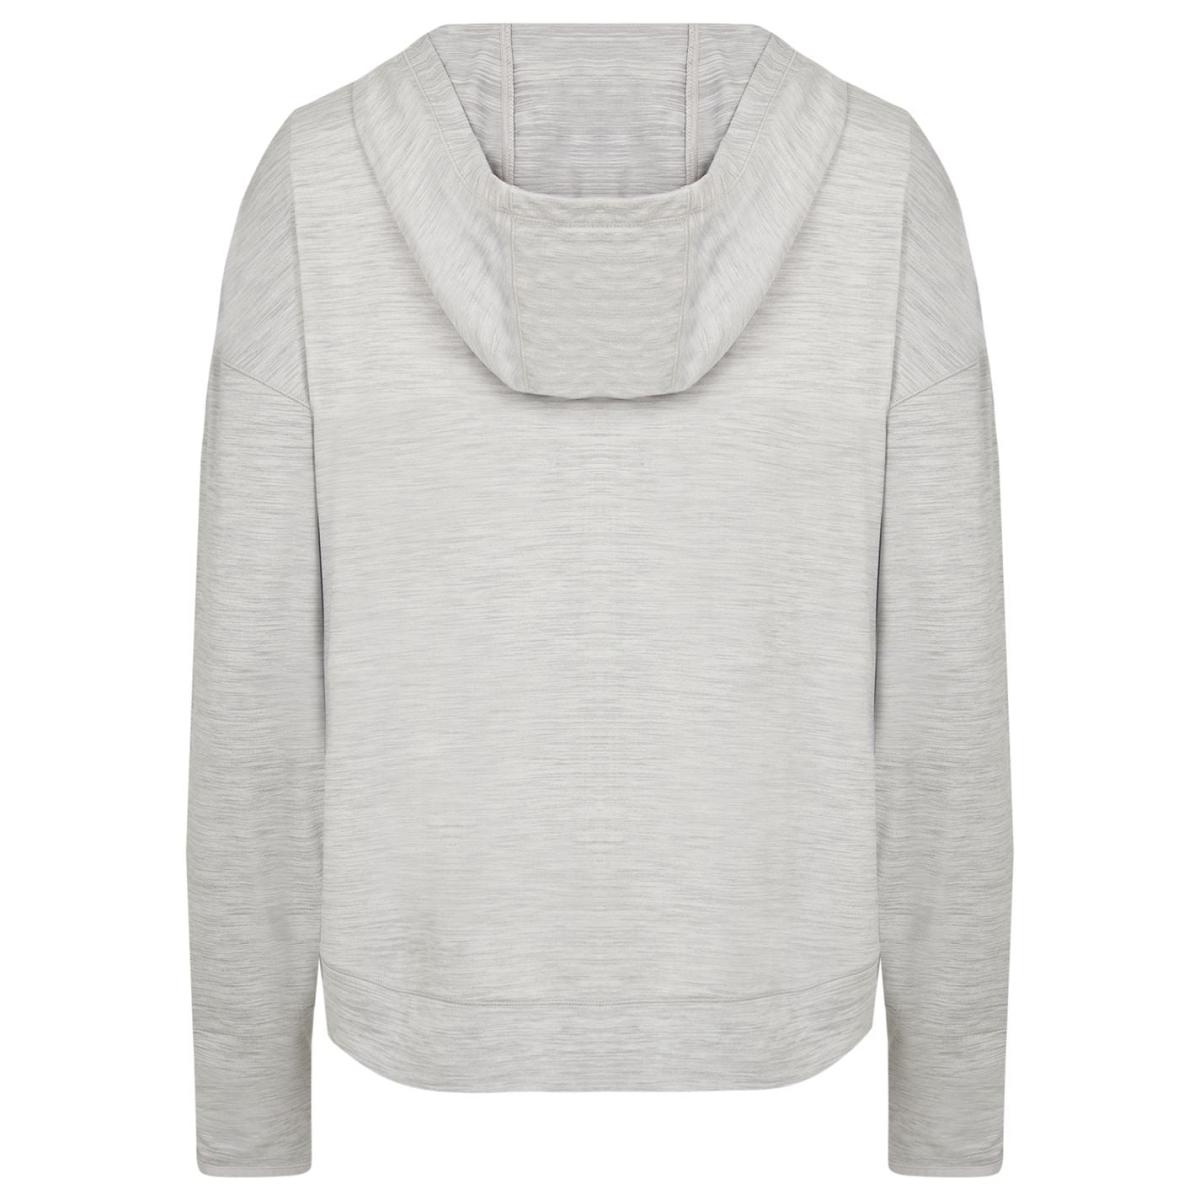 USA Pro Kapuzenjacke Jacke Kapuzenpullover Damen Sweatshirt Pullover 0280